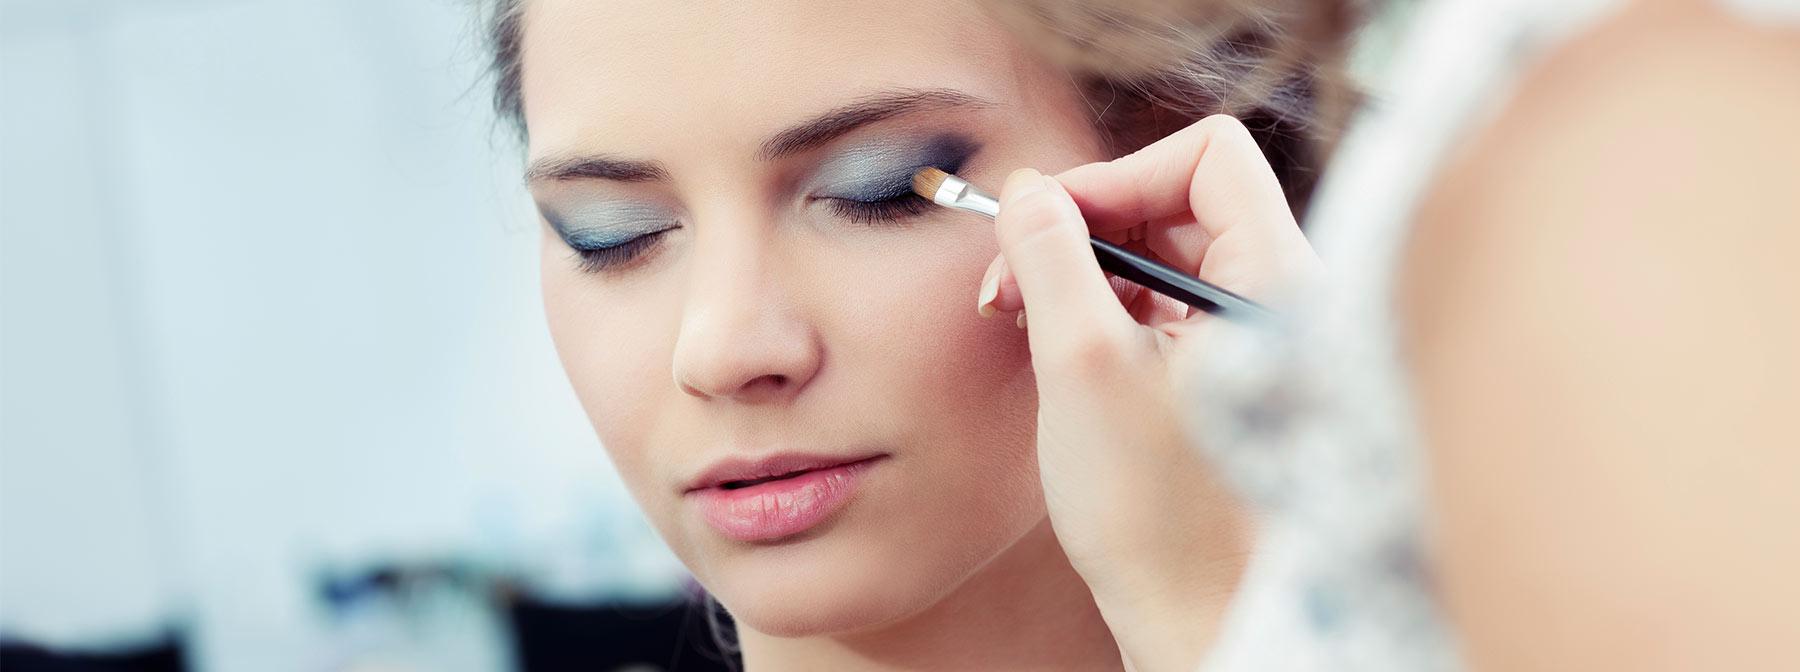 Peau sensible? Le meilleur maquillage pour vous